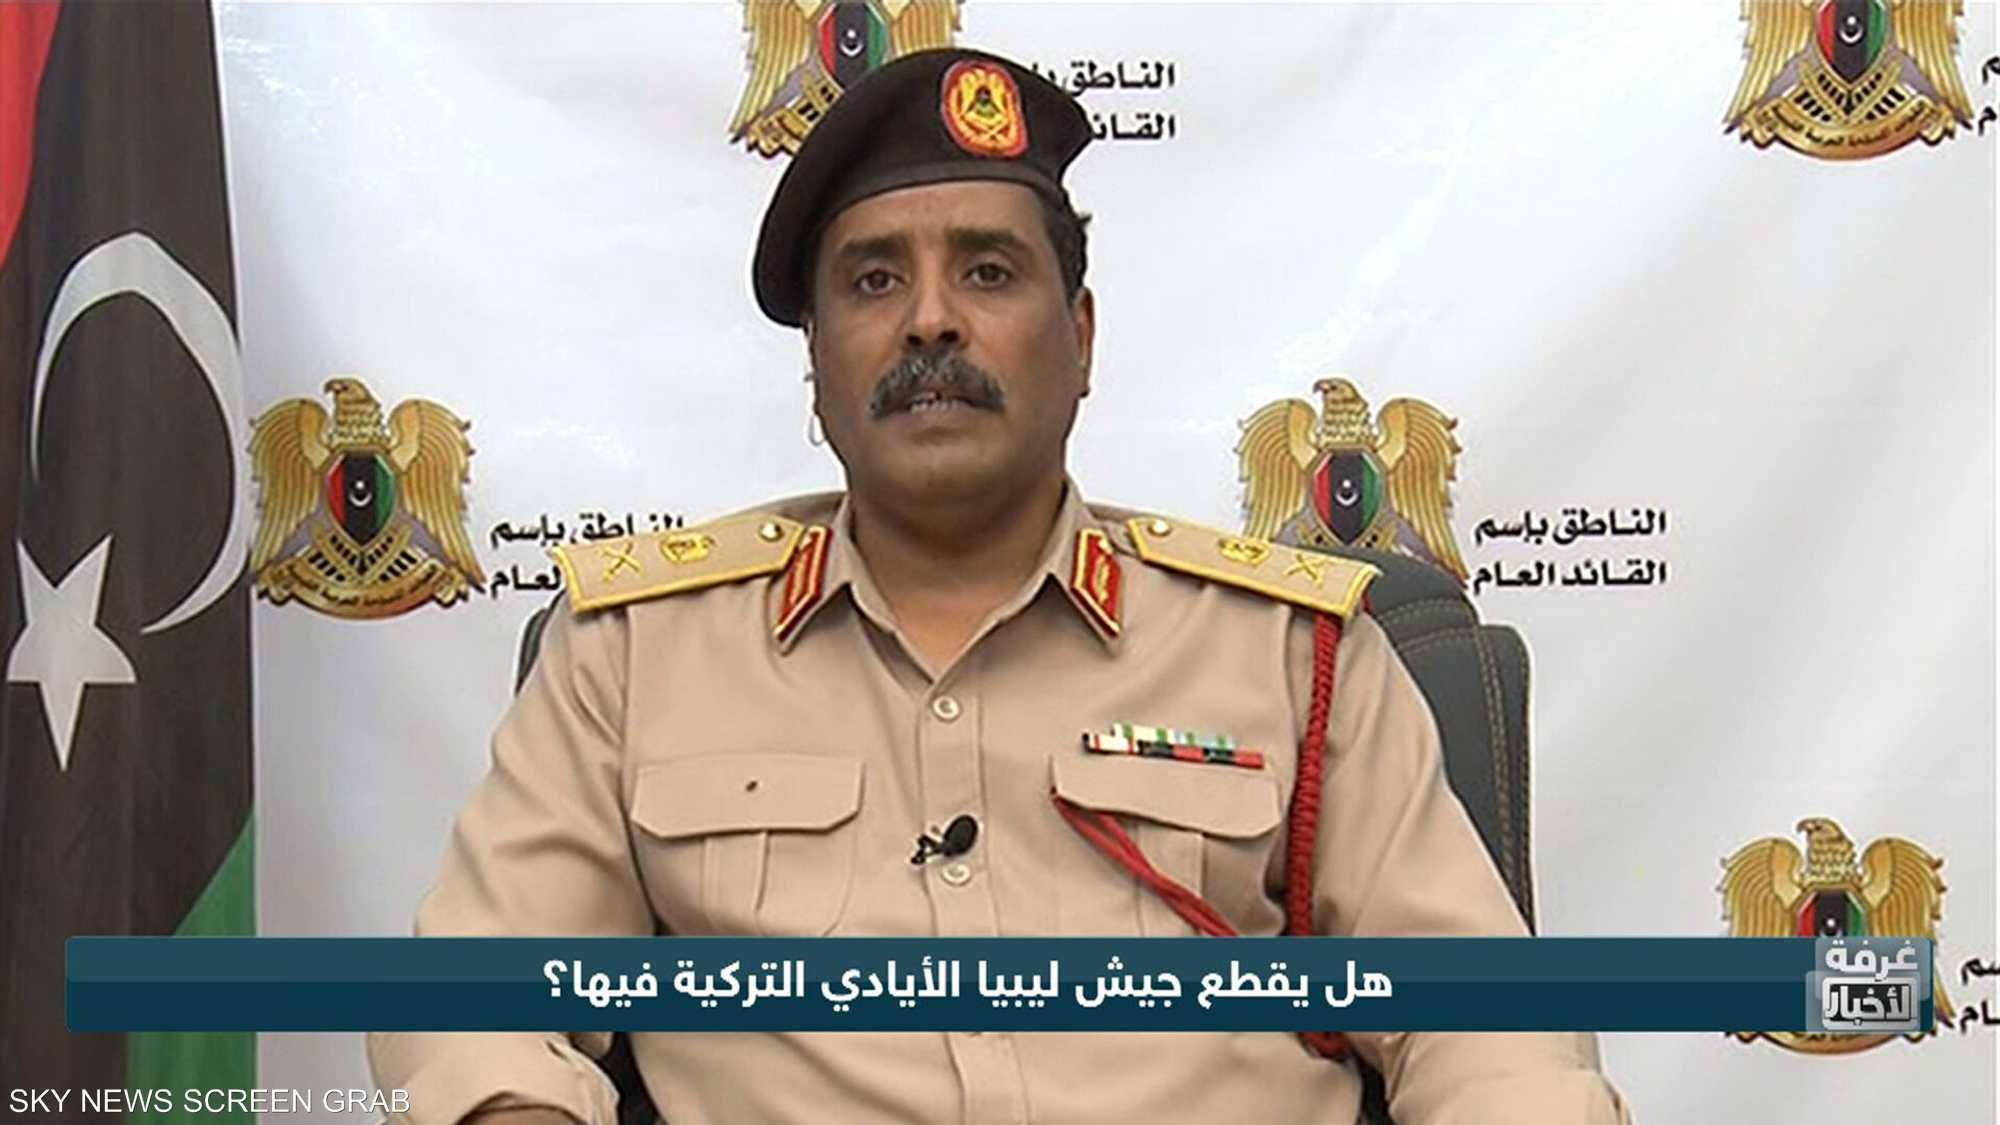 هل يقطع جيش ليبيا الأيادي التركية فيها؟